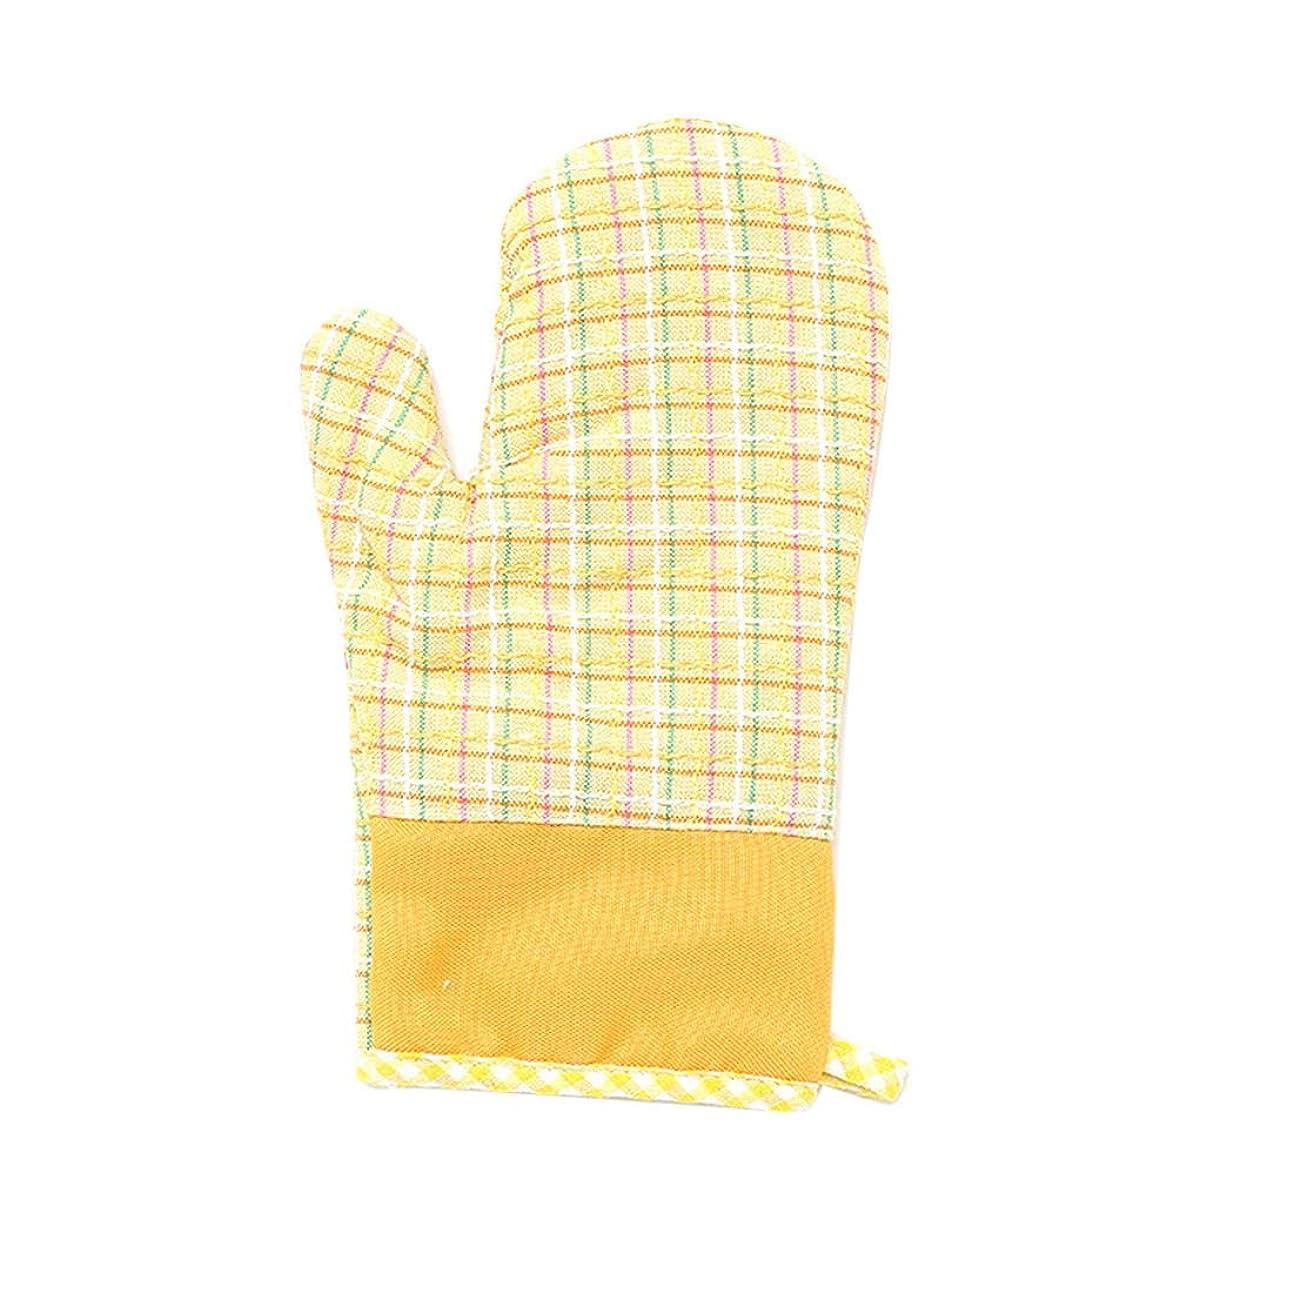 道徳の細い談話Xianheng1 電子レンジ手袋 手袋 電子レンジ 断熱手袋 耐熱手袋 キッチン用手袋 調理用手袋 キッチン手袋 耐熱ミトン 焼き付き防止手袋 断熱火傷防止 焼け止め 2個 イエロー